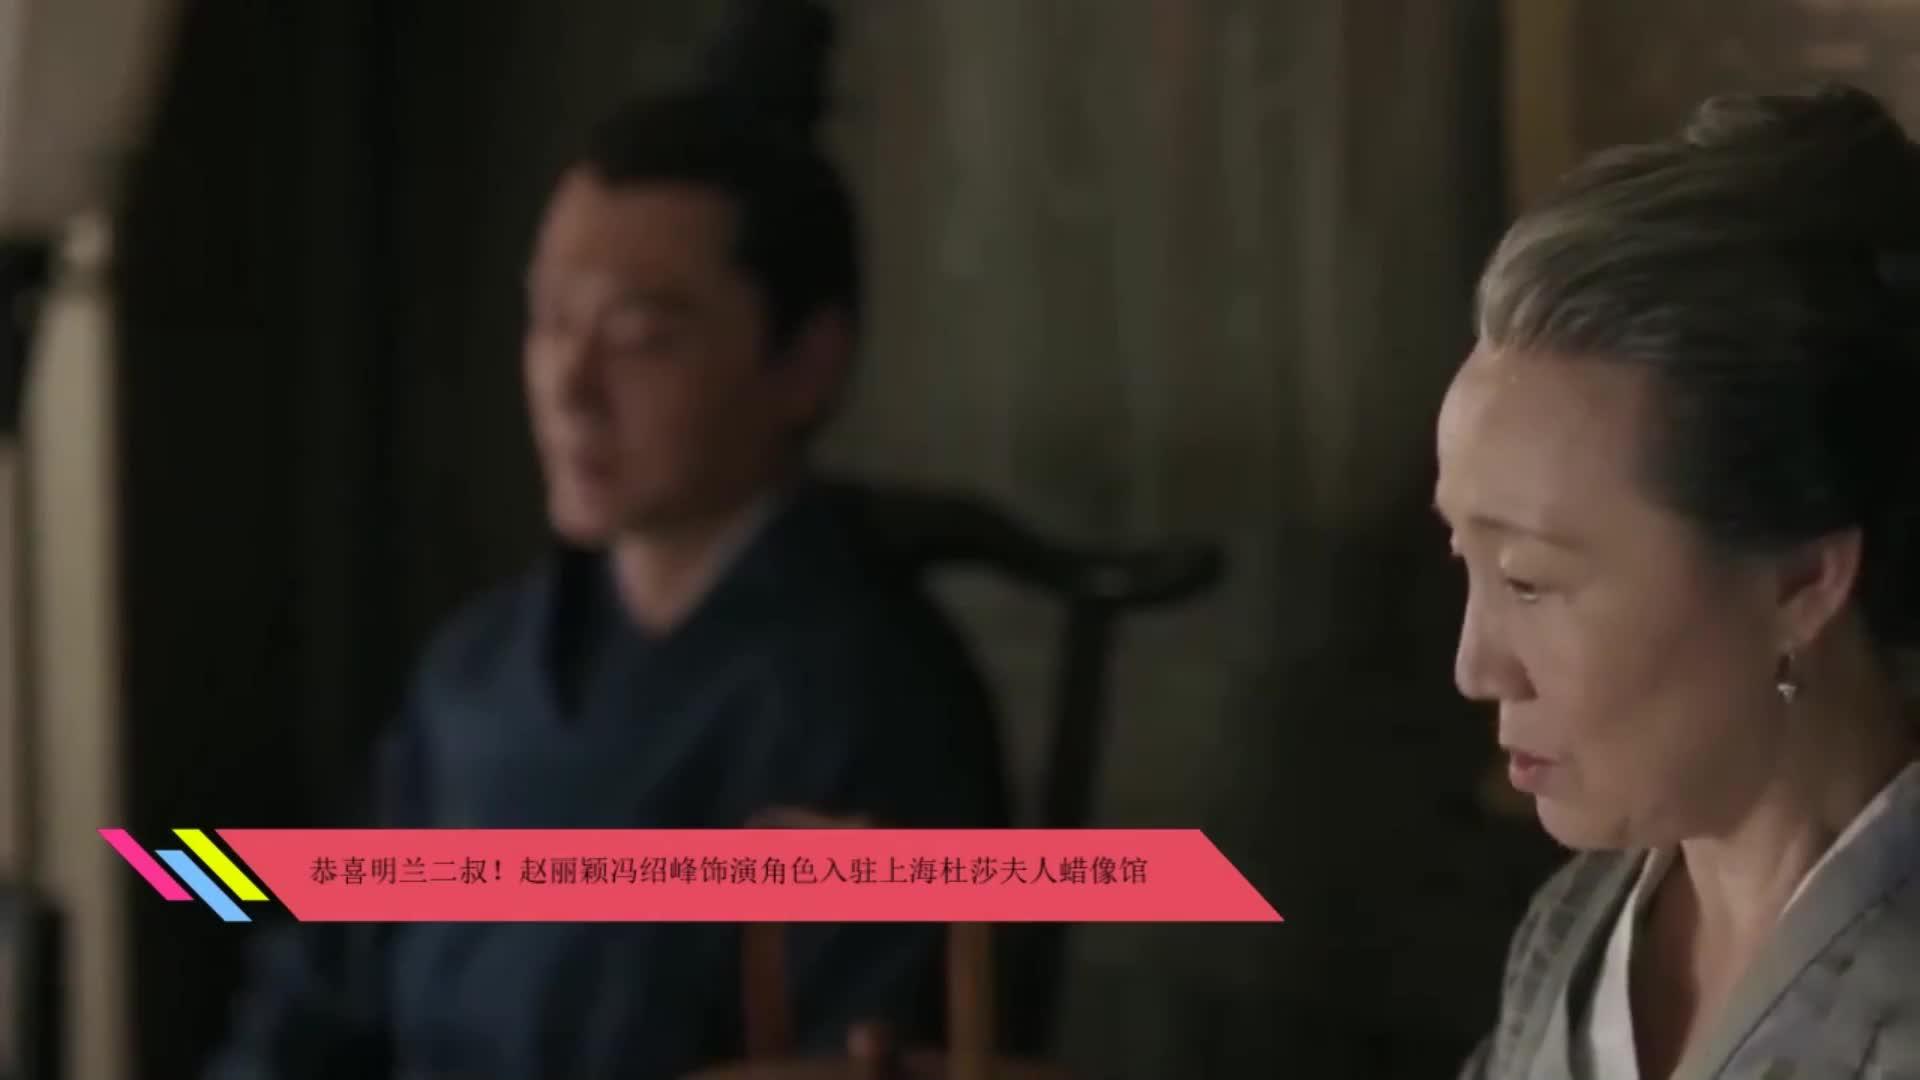 恭喜明兰二叔赵丽颖冯绍峰饰演角色入驻上海杜莎夫人蜡像馆